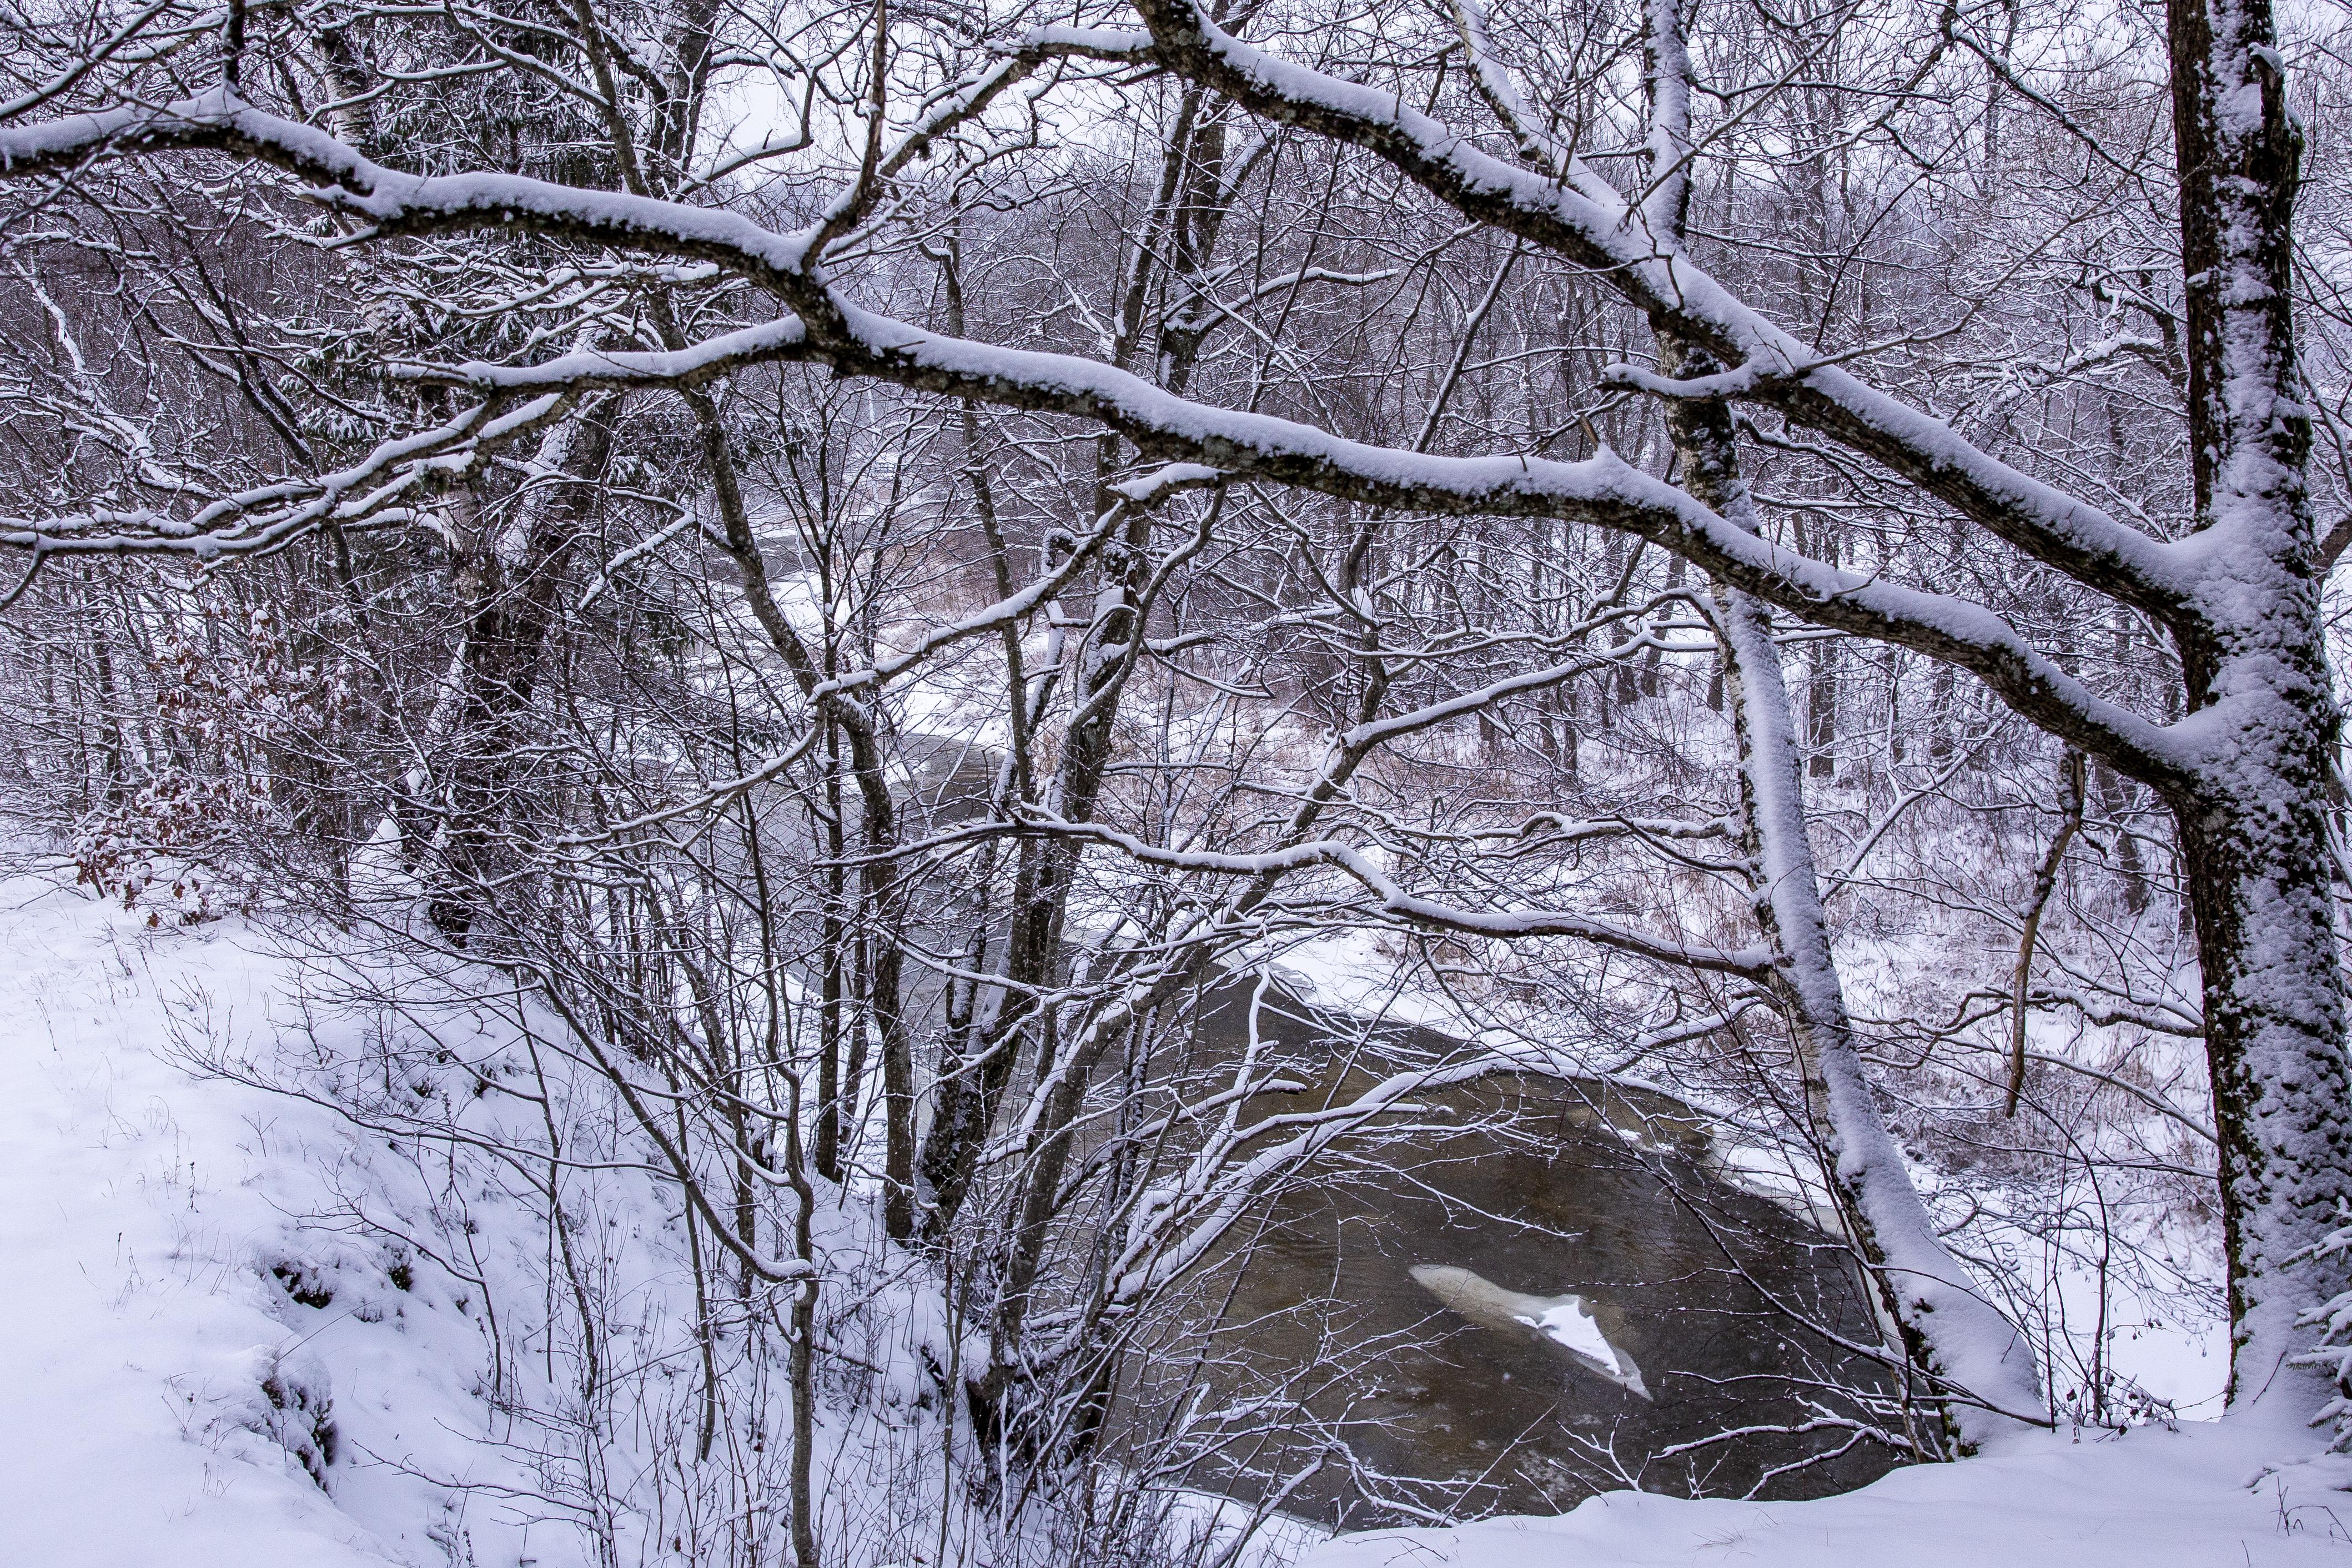 """Vargu ar atrastumėte kitą upę, darančią tiek vingių vingelių, kampų, apylankų ir kilpų, kaip Akmena. Atrodo, kad kažkas šiai mažylei vis trukdo pasiekti tikslą ir ji turi kažkaip išvengti gausybės kliūčių savo kelyje. Ten, kur Akmenos vargai baigiasi ir ji įsijungia į daug stipresnės ir didesnės Jūros (dar ne Baltijos jūros, o upės) vandenis, įsikūręs Pagramančio regioninio parko lankytojų centras. Čia sužinosite, ką pamatyti tarp upių vingių, piliakalnių viršūnių ir kaip trumpam grįžti į Lietuvos laisvės kovotojų laikus. Pagramančio regioninio parko vyriausiasis ekologas Tomas Kalašinskas pasakoja, jog visiškai naujai įrengtoje ekspozicijoje šiuo metu atliekami paskutiniai darbai ir jau vasario mėnesį lankytojai galės ją išbandyti. Čia bus galima pažaisti interaktyvius žaidimus, pamėginti atpažinti parko drugius, paukščių balsus, pratempti žymeklį raitytais Jūros upės modelio vingiais nepaliečiant krantų – o tai ne taip lengva, kaip gali pasirodyti iš pirmo žvilgsnio! """"Ekspozicija bus labai šiuolaikiška, interaktyvi – su daugybe įvairios informacijos, panoraminiais vaizdais iš mūsų parko"""", – sakė T.Kalašinskas. Jei planuojate Pagramančio parką aplankyti vasarą, įsiminkite """"Lakštingalų slėnio"""" pavadinimą. Tai – maždaug 3 hektarų ploto įspūdingai sutvarkyta stovyklavietė su laužavietėmis, pavėsinėmis, tilteliais. Itin patogu tai, kad iš stovyklavietės prasideda ir joje baigiasi vaizdingas Akmenos upės pažintinis takas. Atvykstant su didele kompanija šioje stovyklavietėje galima netgi išsinuomoti namelius nakvynei. """"Akmenos pažintinis takas prasideda perėjus per vieną kabantį tiltą ir baigiasi kitu kabančiu tiltu. Eidami juo galite gėrėtis kraštovaizdžiu, palypėti laiptais aukščiau ir vėl nusileisti. Pamatysite stačius upės šlaitus, Akmena – šaltavandenė, daug siaurėsnė upė. Jos vingiai – labai statūs, maži"""", – pasakojo T.Kalašinskas. Abi regioninio parko upės – labai vingiuotos. Todėl vyriausiasis ekologas rekomenduoja jas pažinti plaukiant baidarėmis – 10 jų turi ne"""